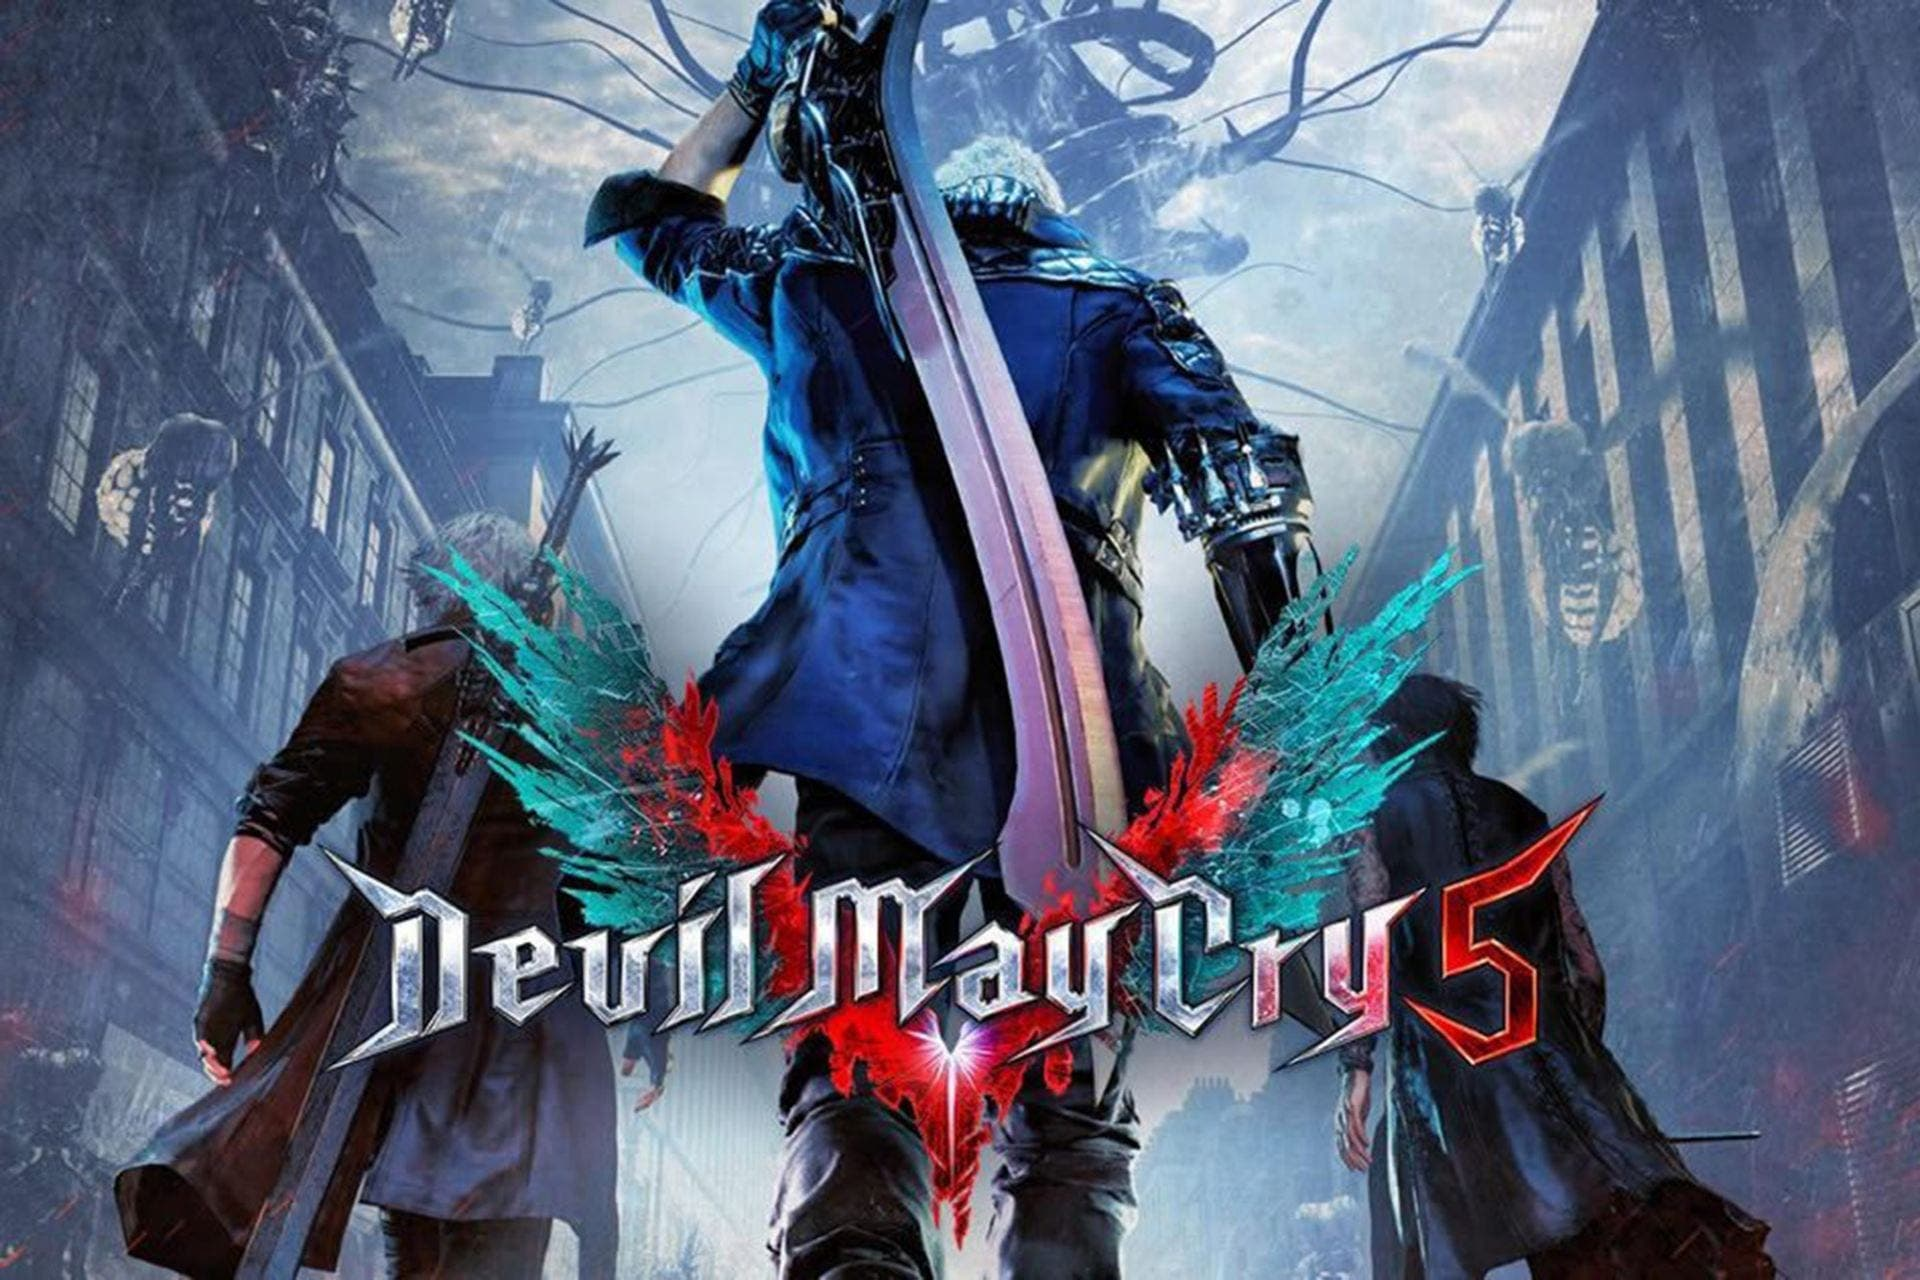 El DLC de Vergil en Devil May Cry 5 llegará más tarde a Xbox One